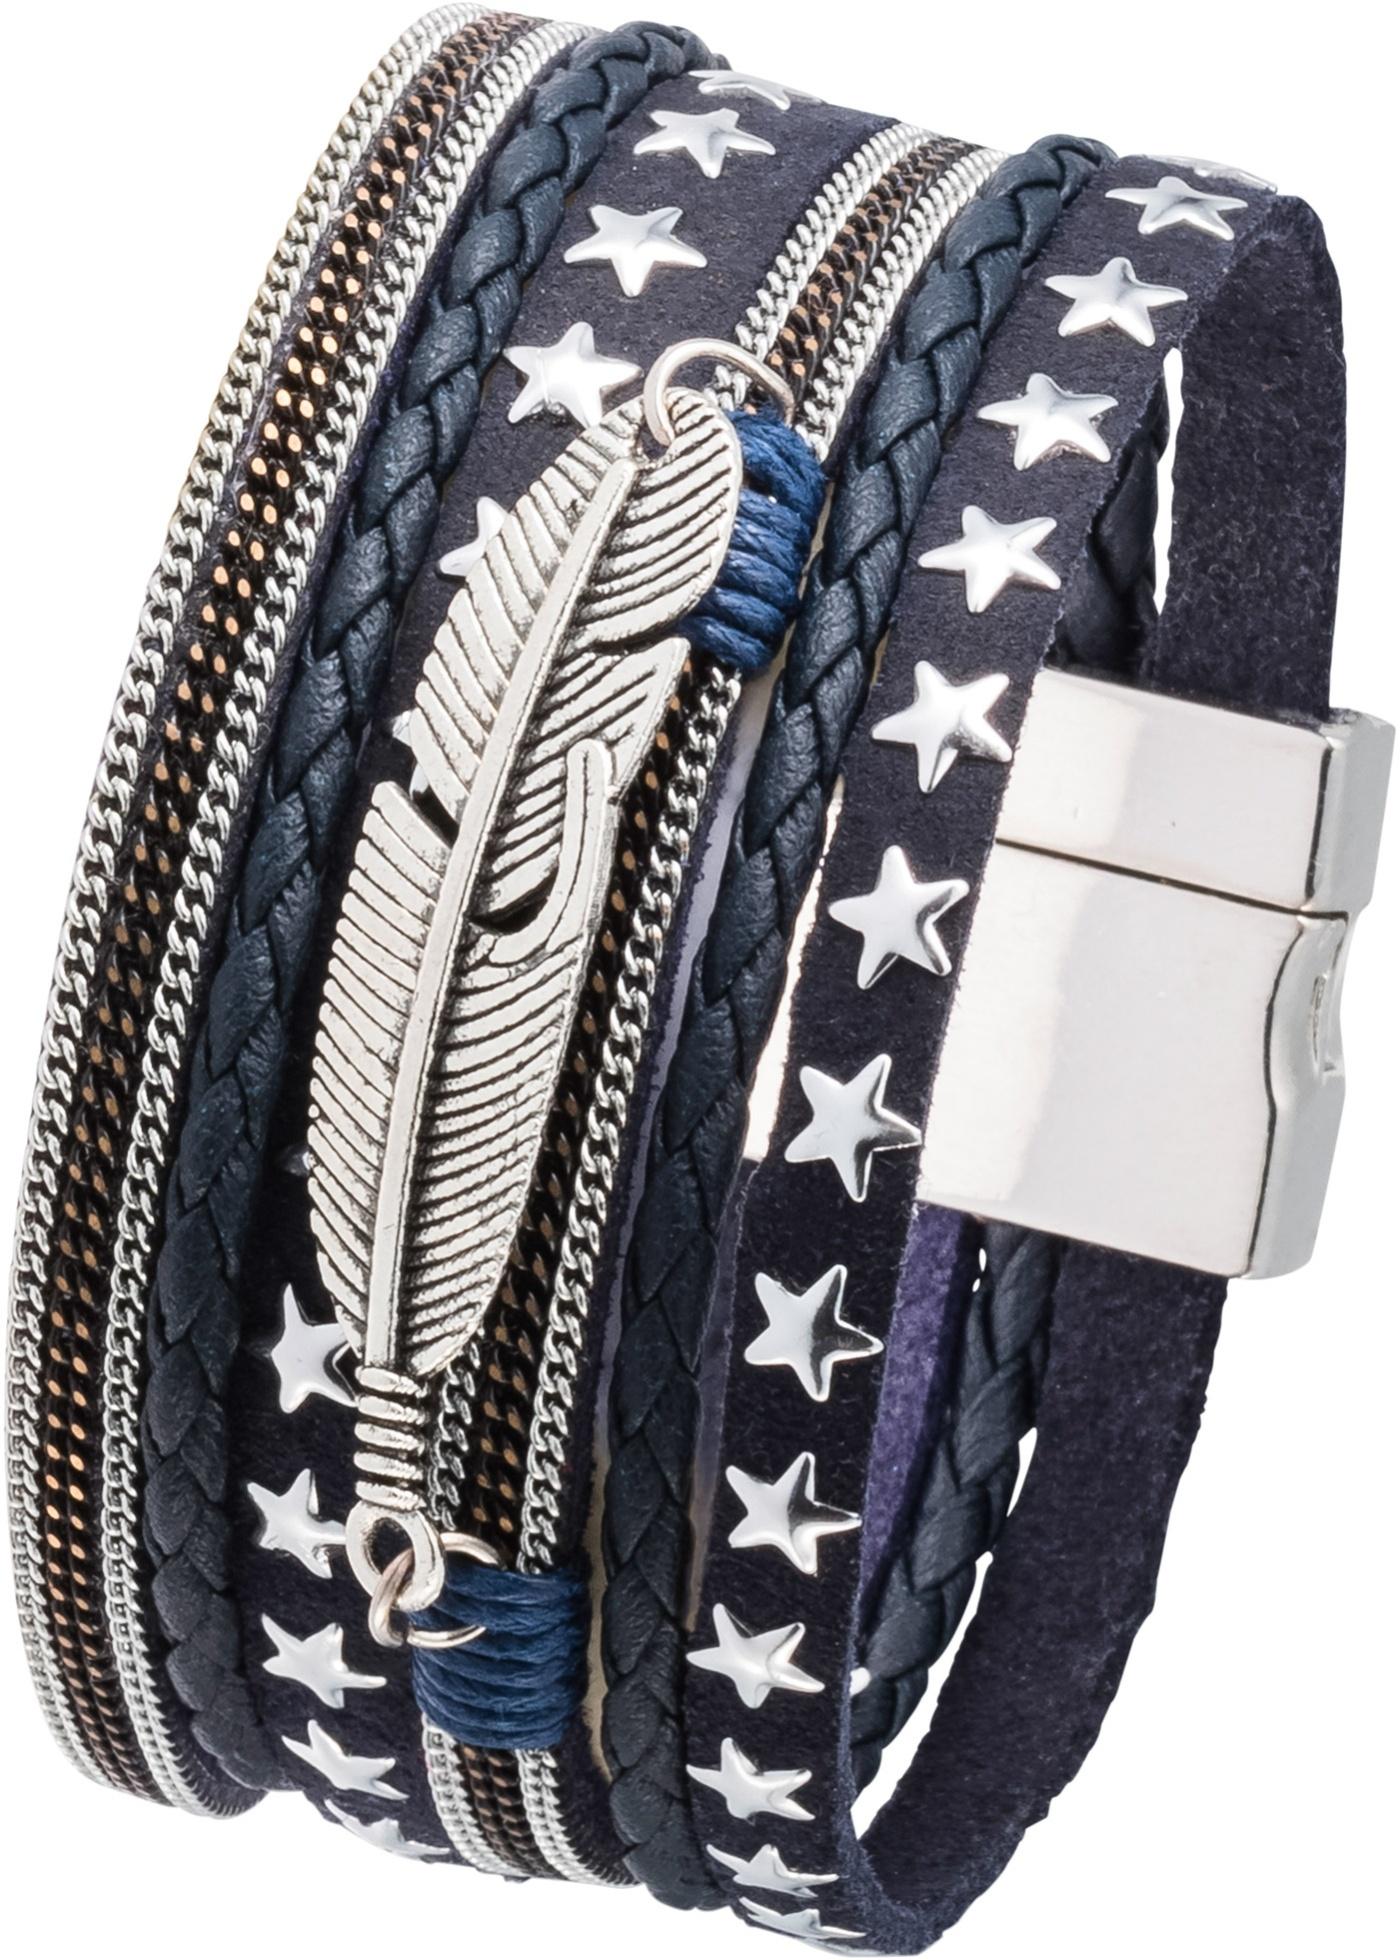 Bracelet composé de jolis éléments variés qui se combinent harmonieusement. La plume en métal complète le look. Fermoir magnétique.